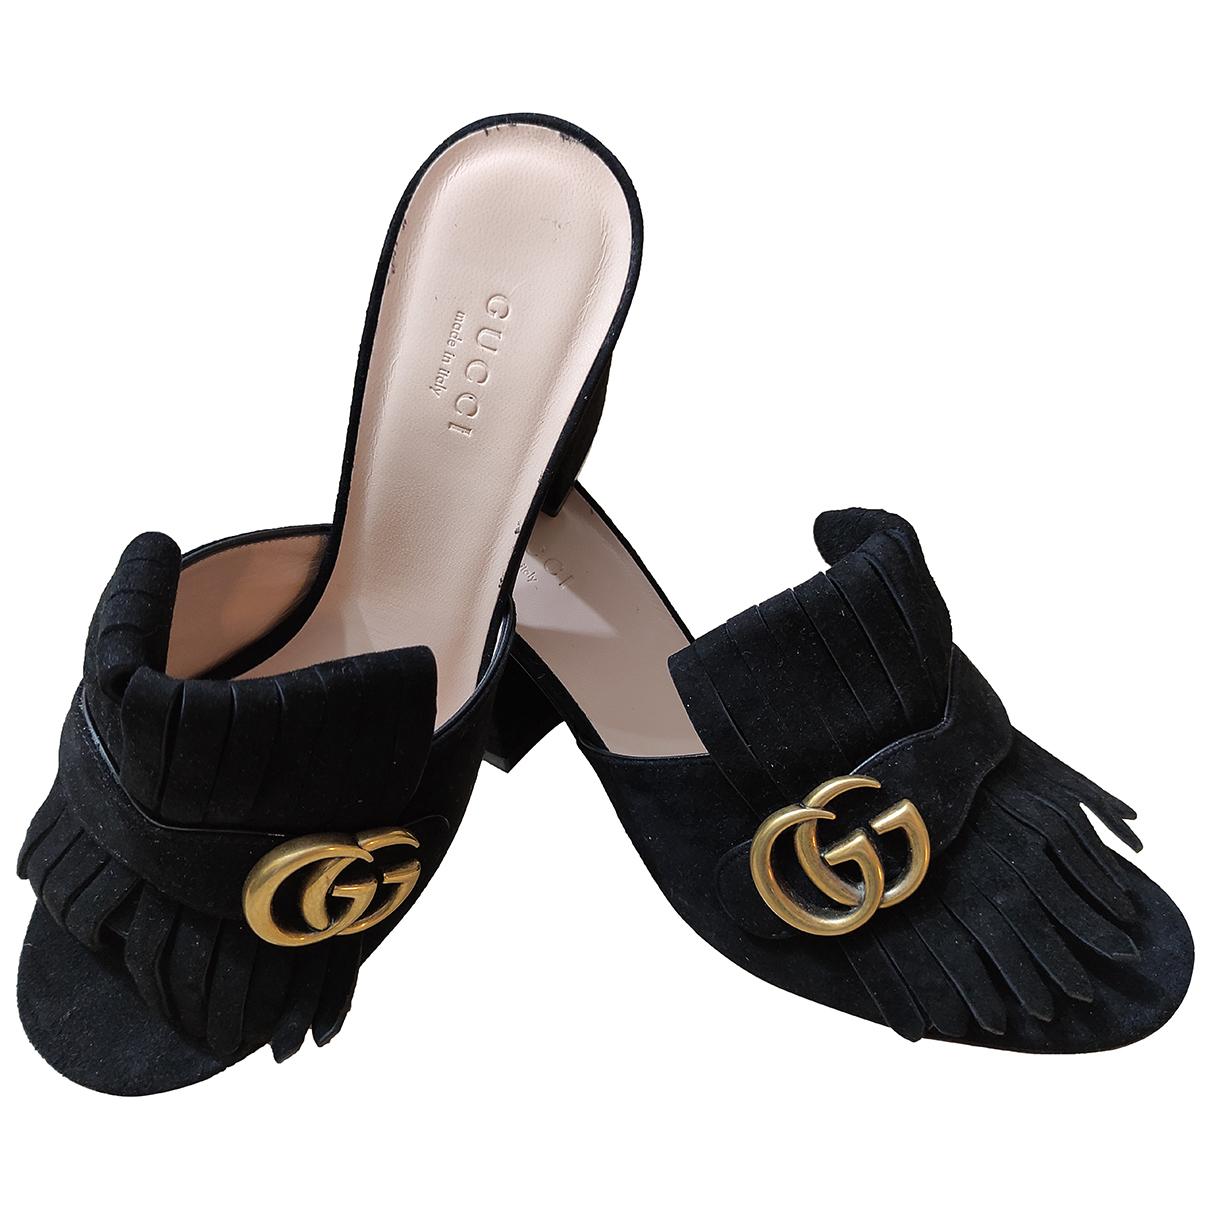 Gucci - Sandales Marmont pour femme en suede - noir